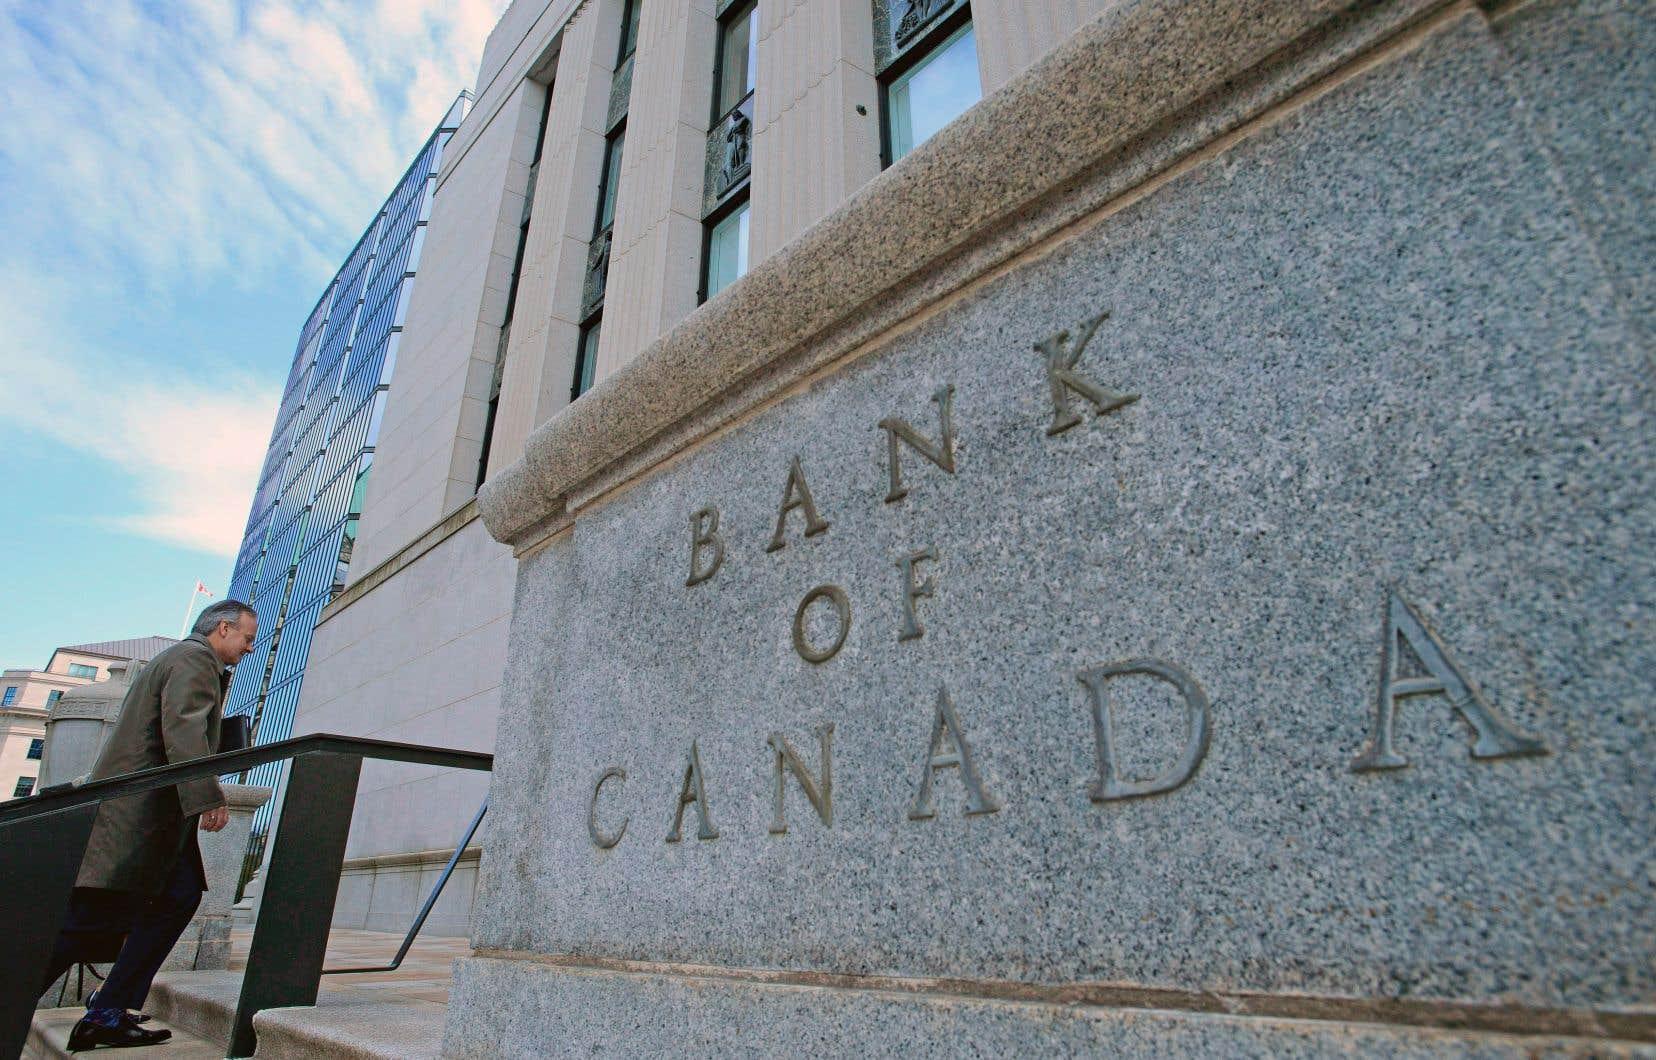 La Banque du Cnaada se promet notamment de suivre de près l'impact du resserrement des règles hypothécaires au pays ainsi que de sa propre remontée des taux d'intérêt des derniers mois sur les dépenses des ménages et le logement.